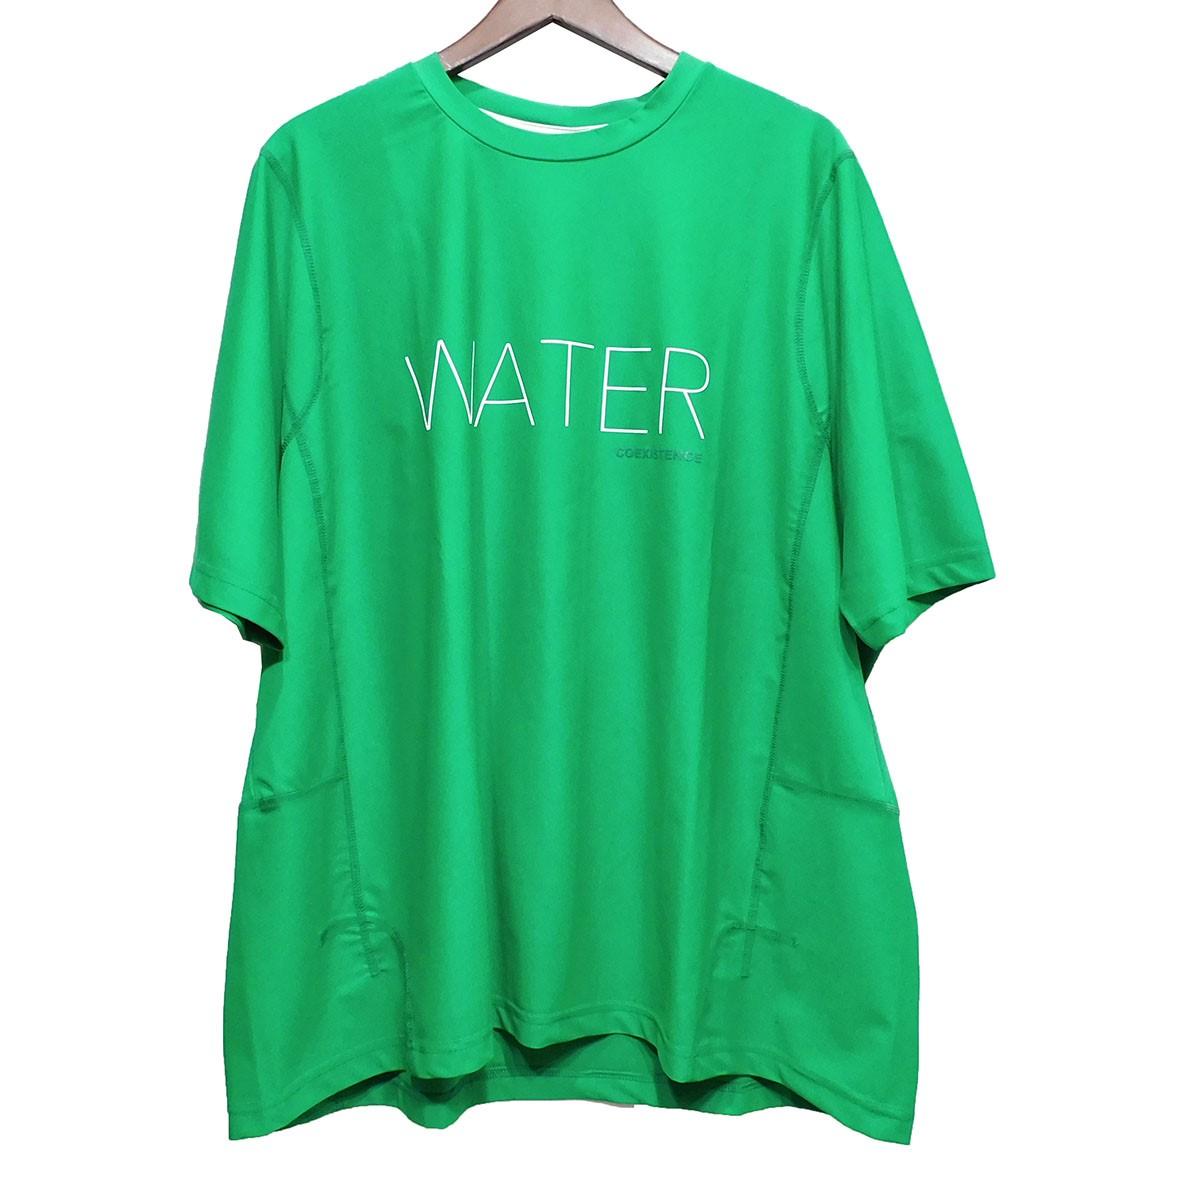 【中古】FUMITO GANRYU WATERプリントTシャツ グリーン サイズ:2 【130320】(フミト ガンリュウ)